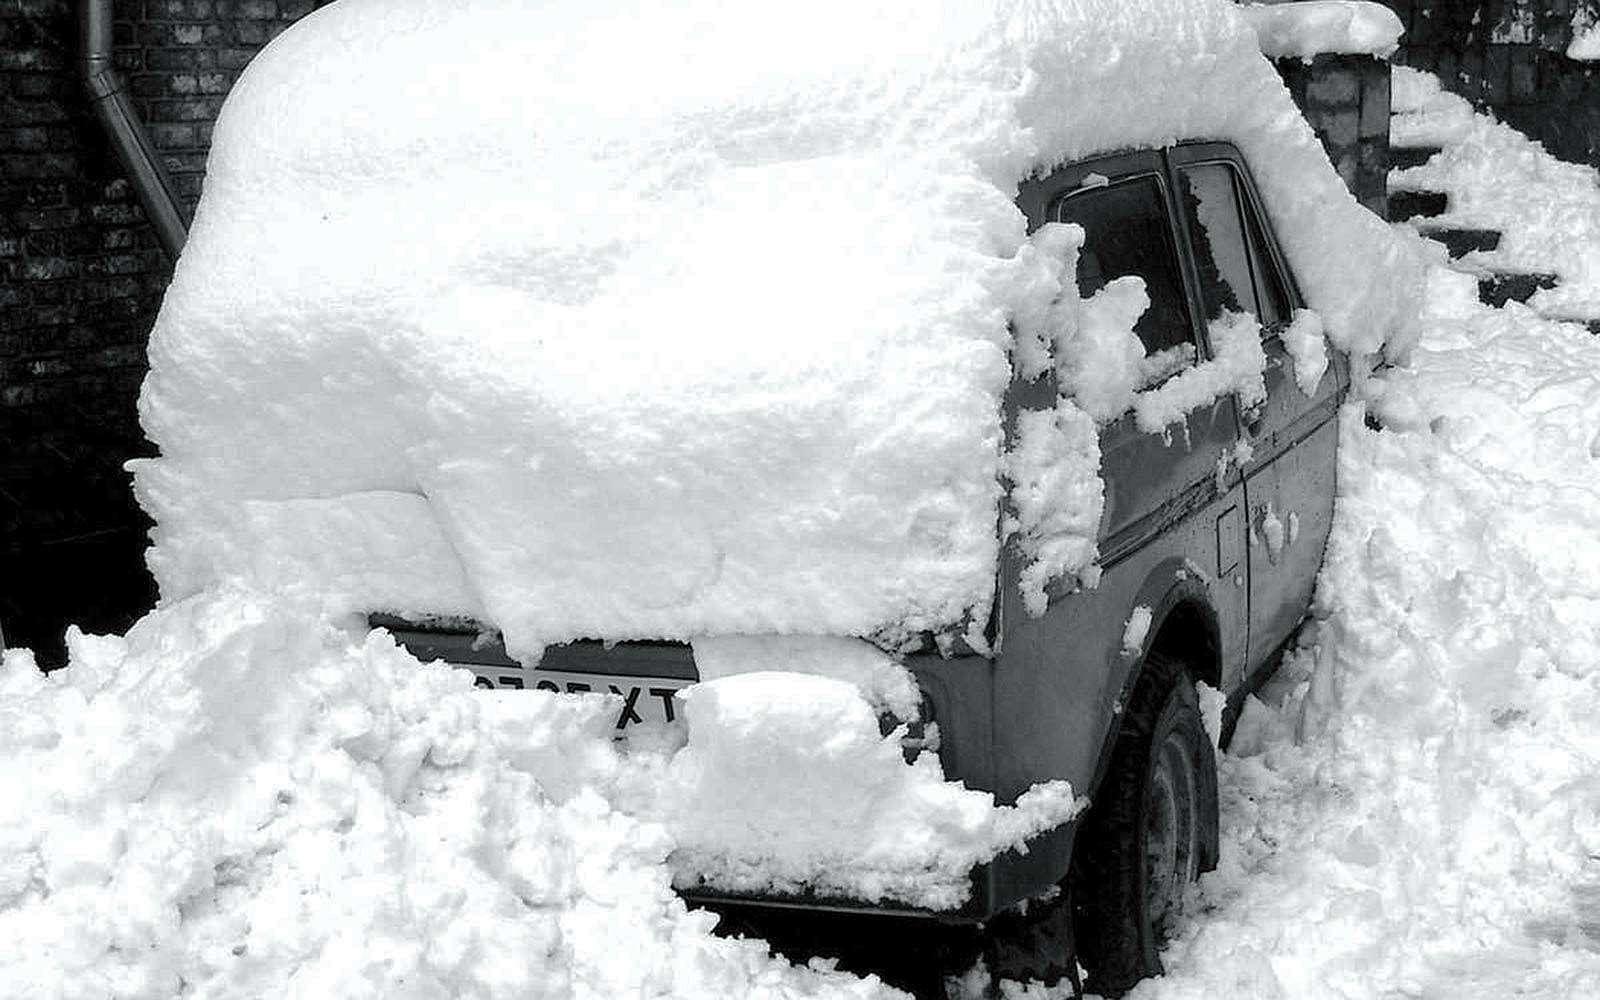 очистка автомобиля отснега